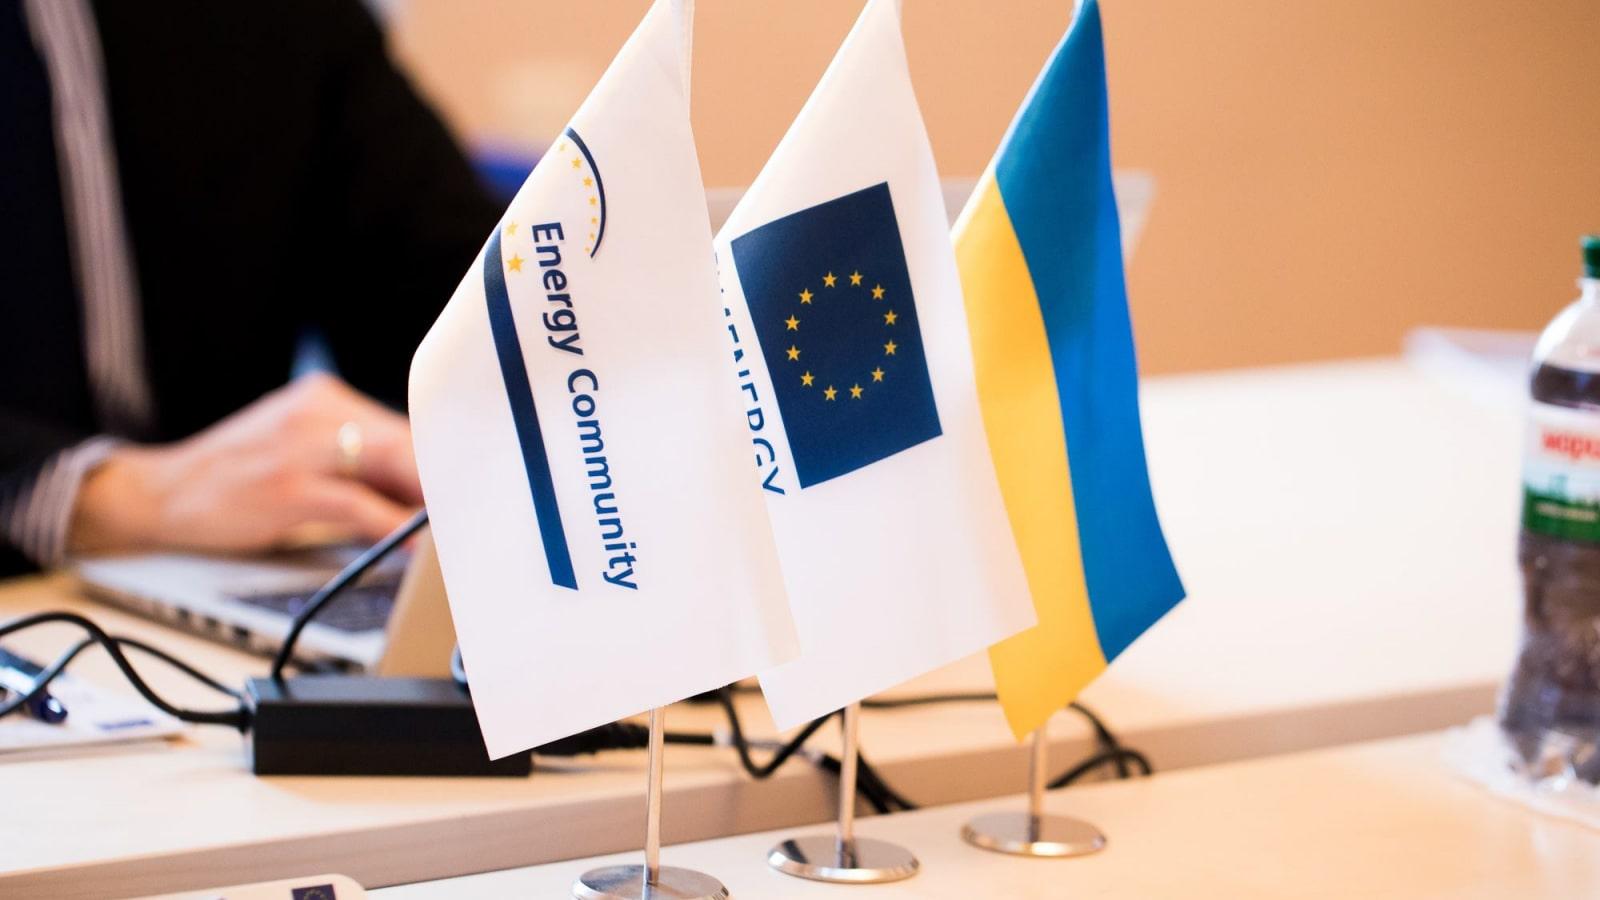 План реформ на газовом рынке Украина выполнила на 84%, – ЕЭС